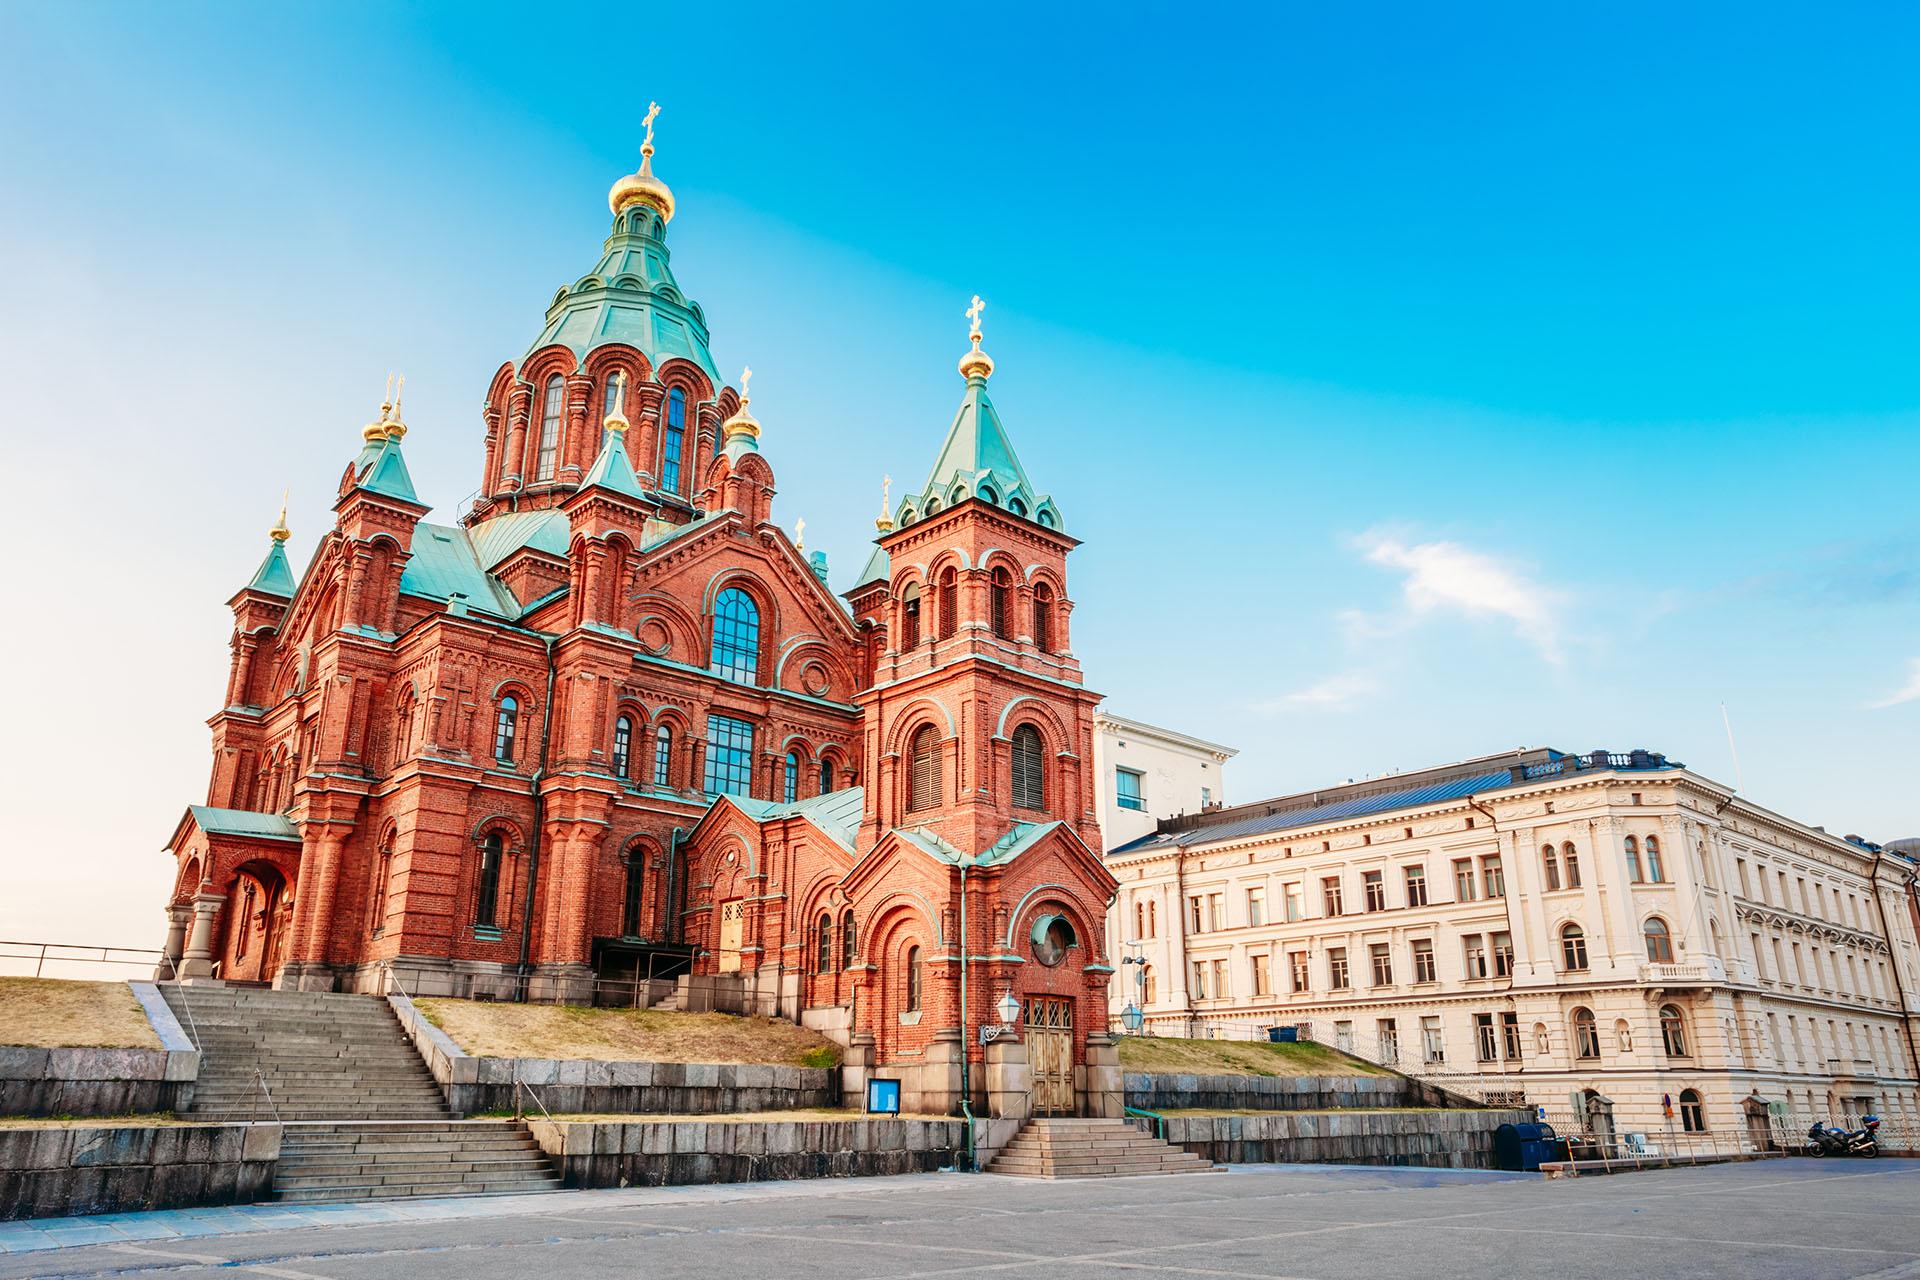 La capital de Finlandia continúa construyendo sobre su reputación como la meca del arte y diseño